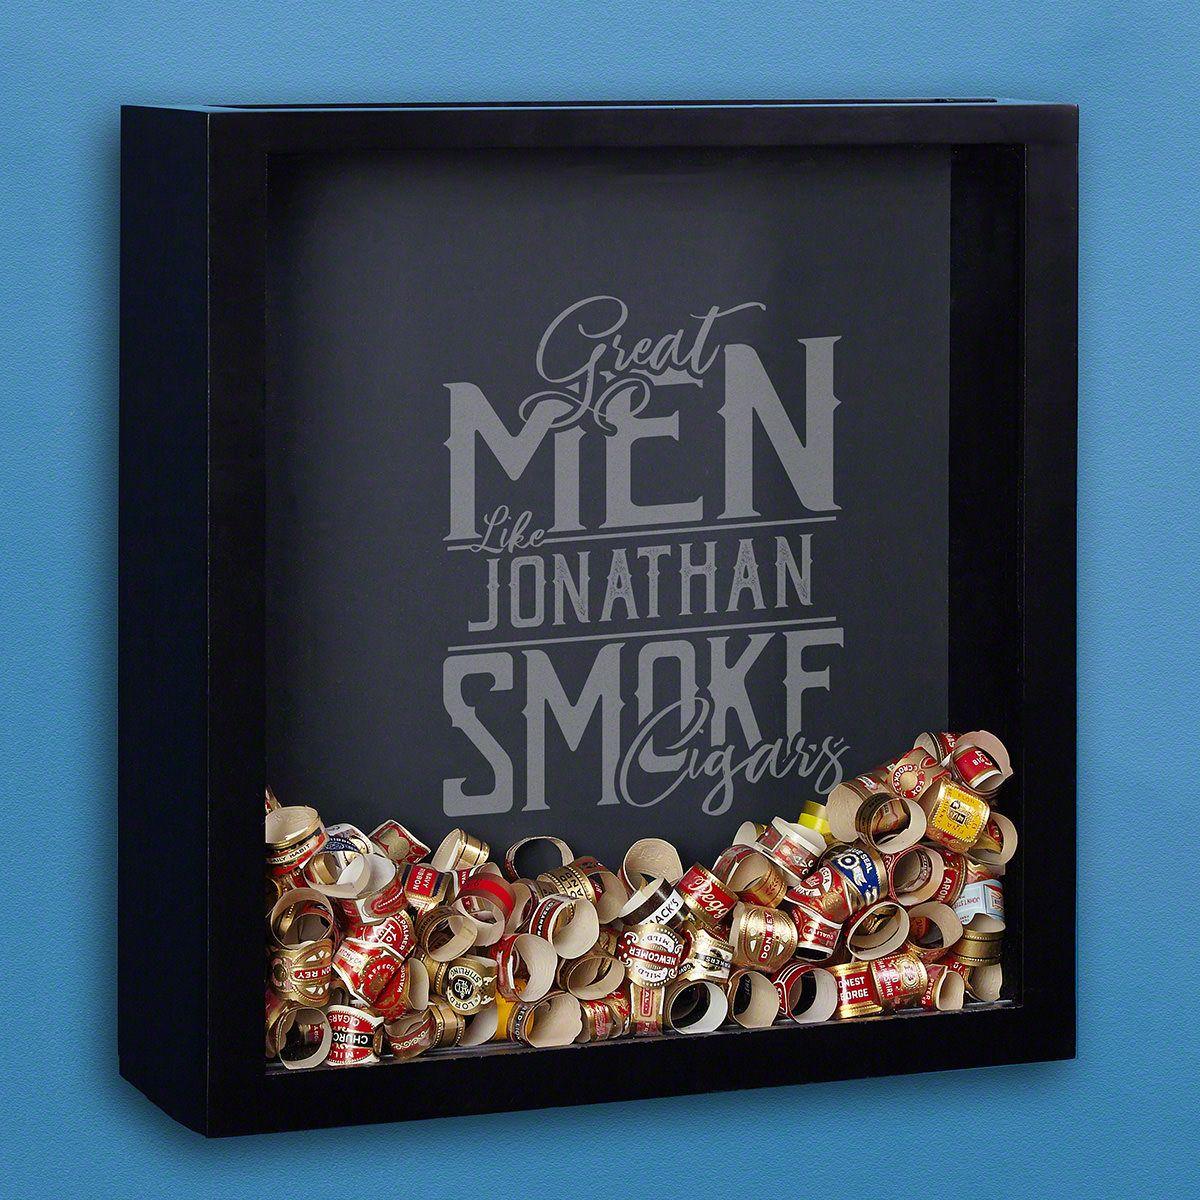 Great Men Smoke Cigars Etched Shadow Box for Tobacco Aficionados